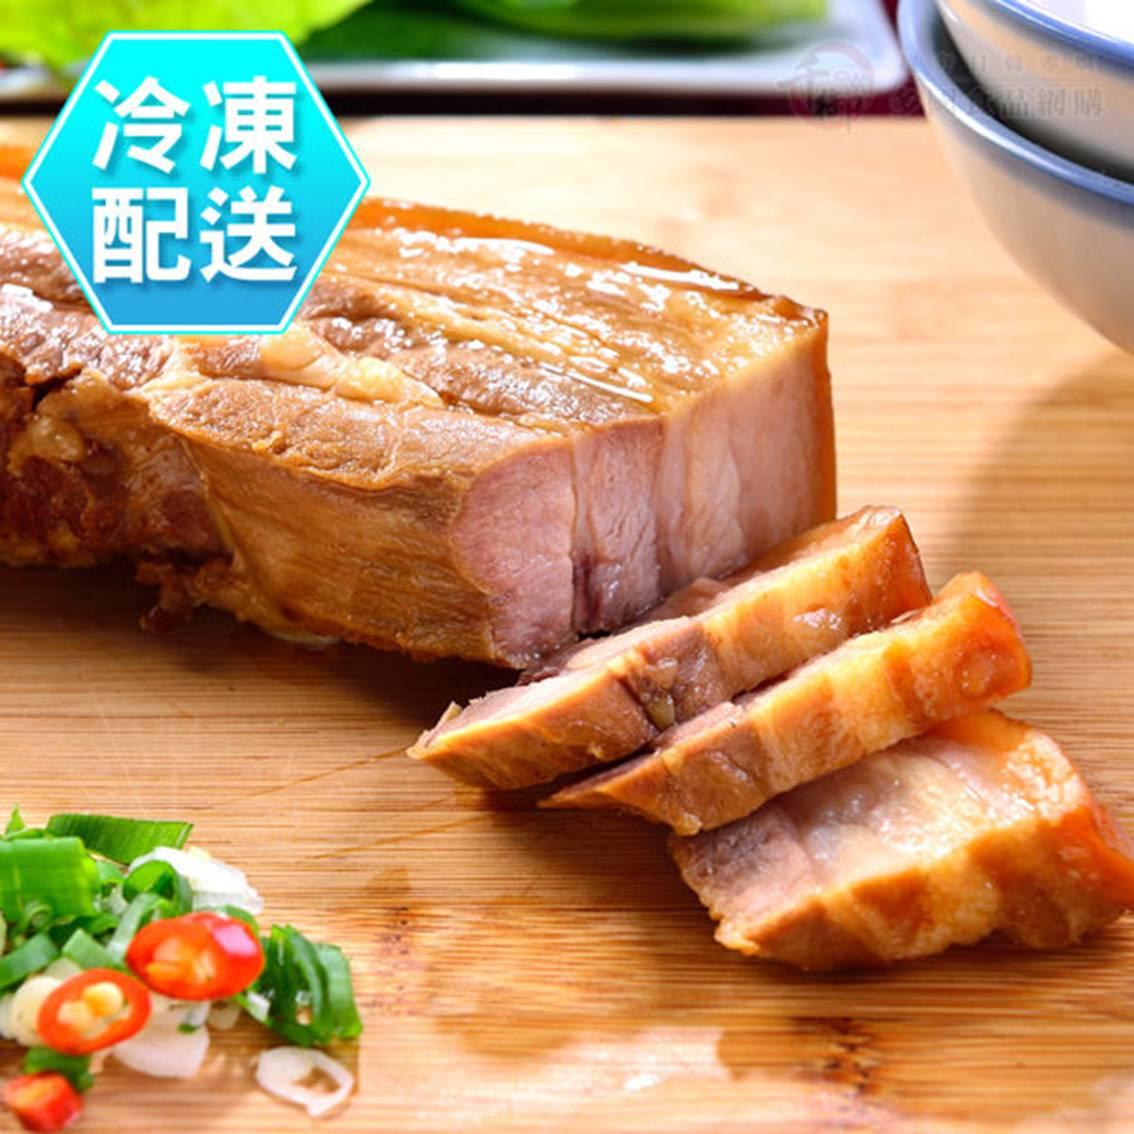 樂活生活館  蔗香三層肉400g 冷凍配送   蔗雞王【樂活生活館】